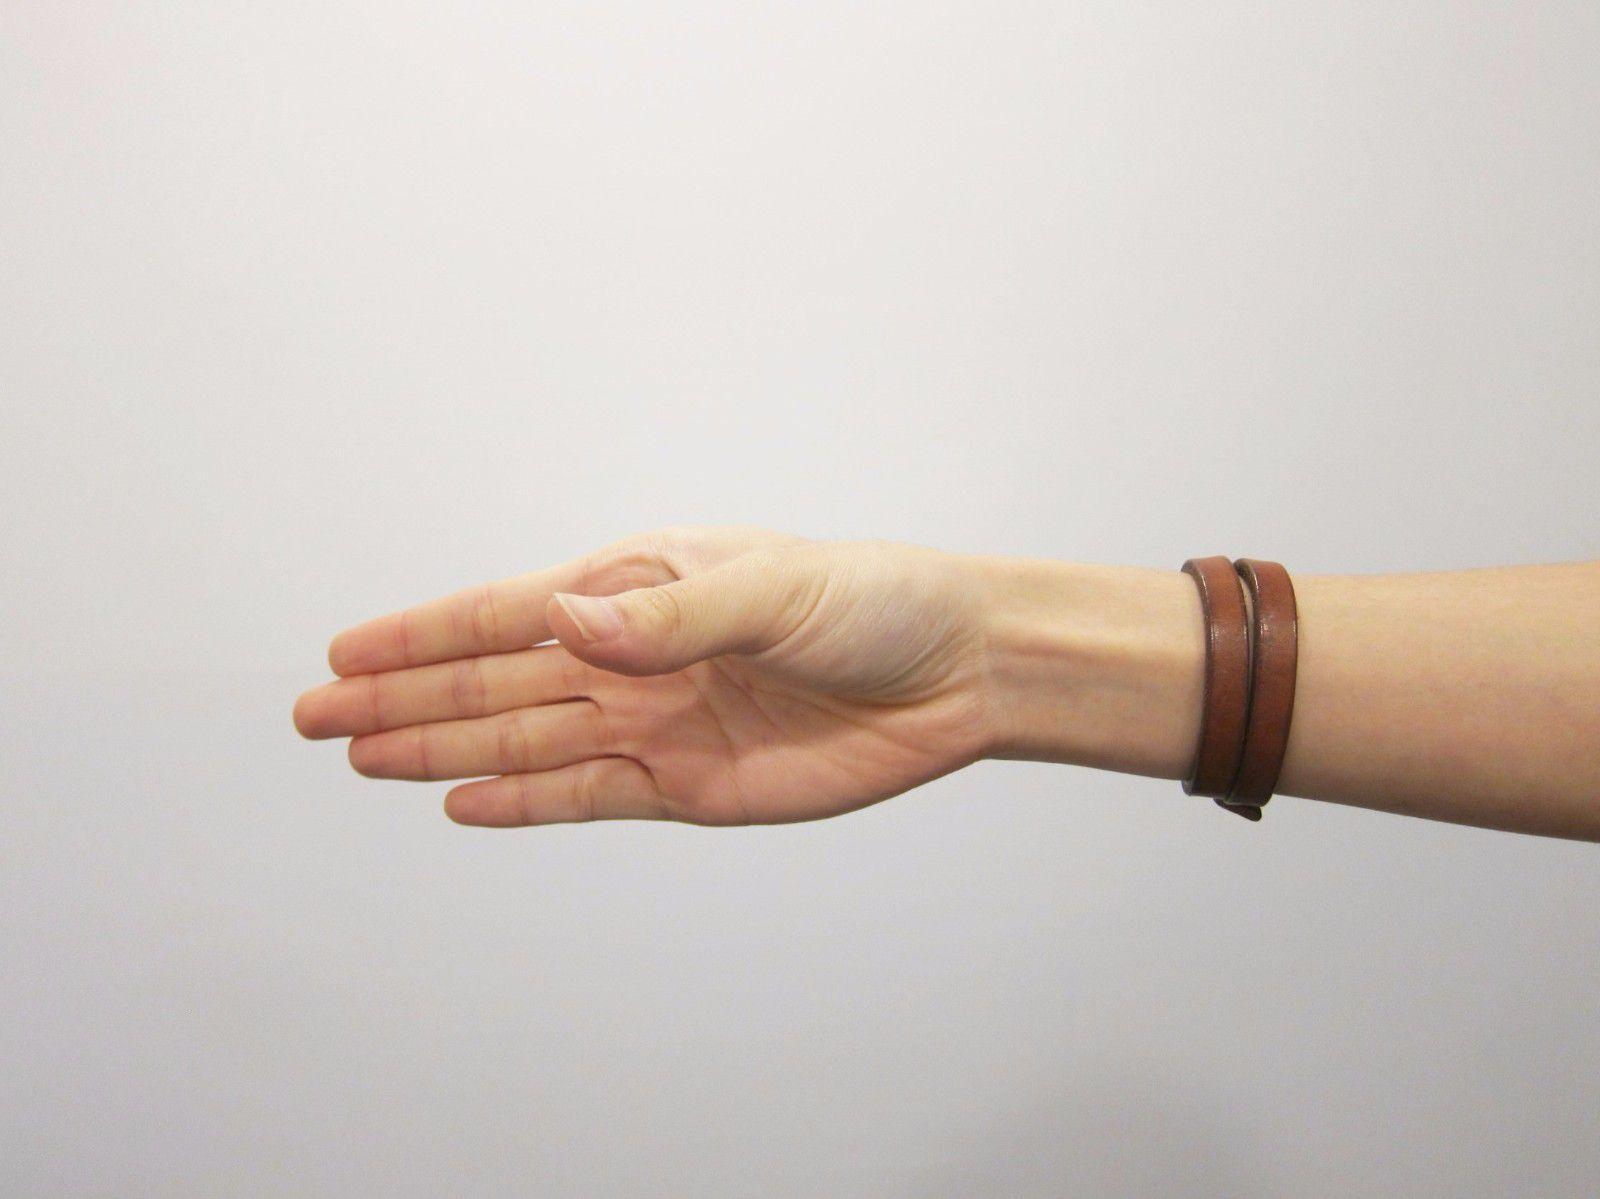 動作1:(右手)前臂伸直,手指打直,讓手掌跟地板垂直